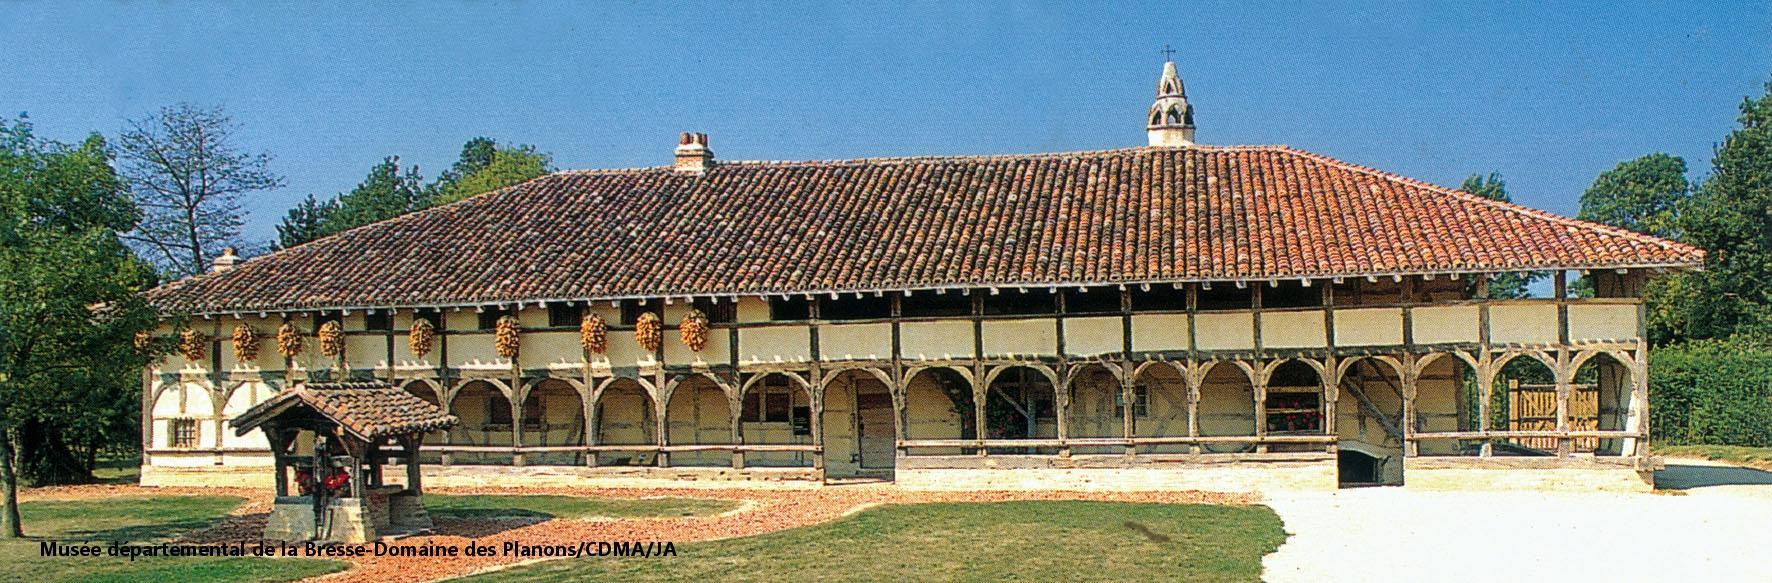 Ferme bressane, Musée de la Bresse-Domaine des Planons